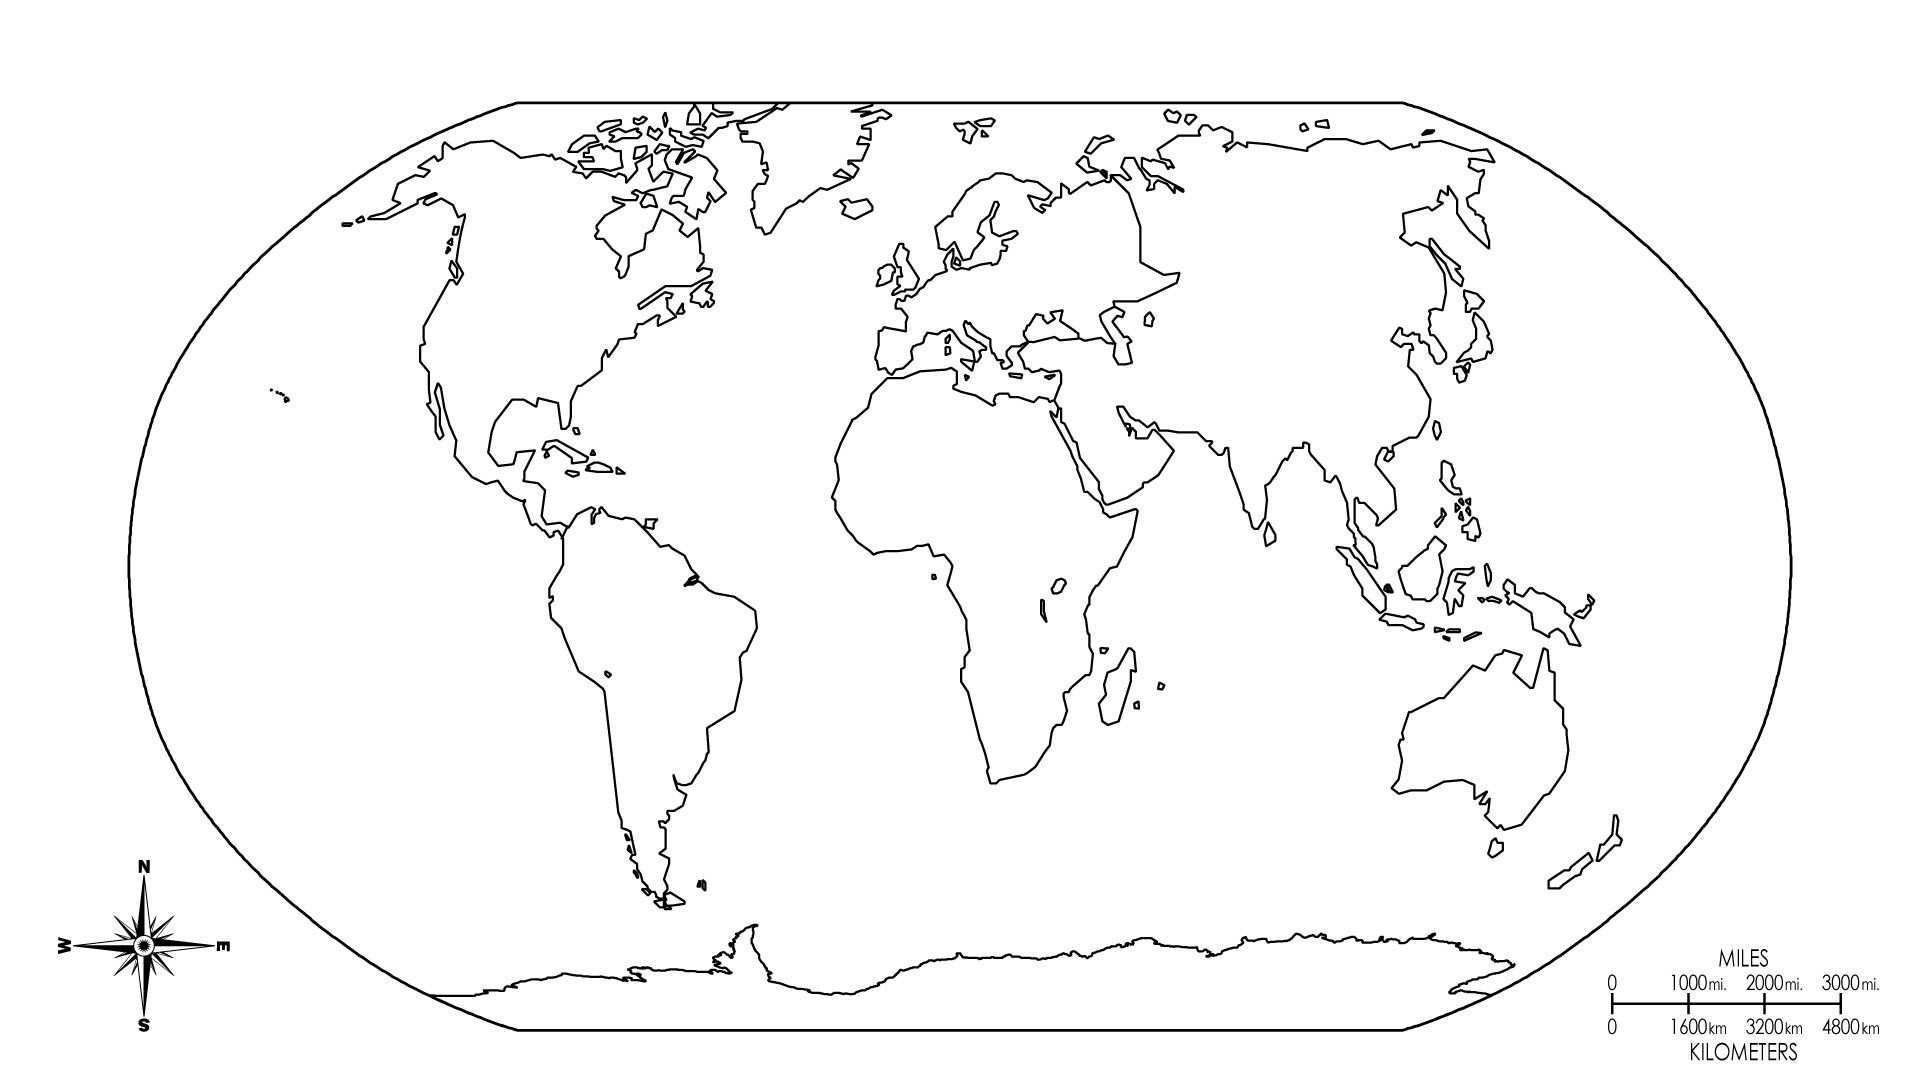 20+ Pretty Image of World Map Coloring Page - davemelillo.com